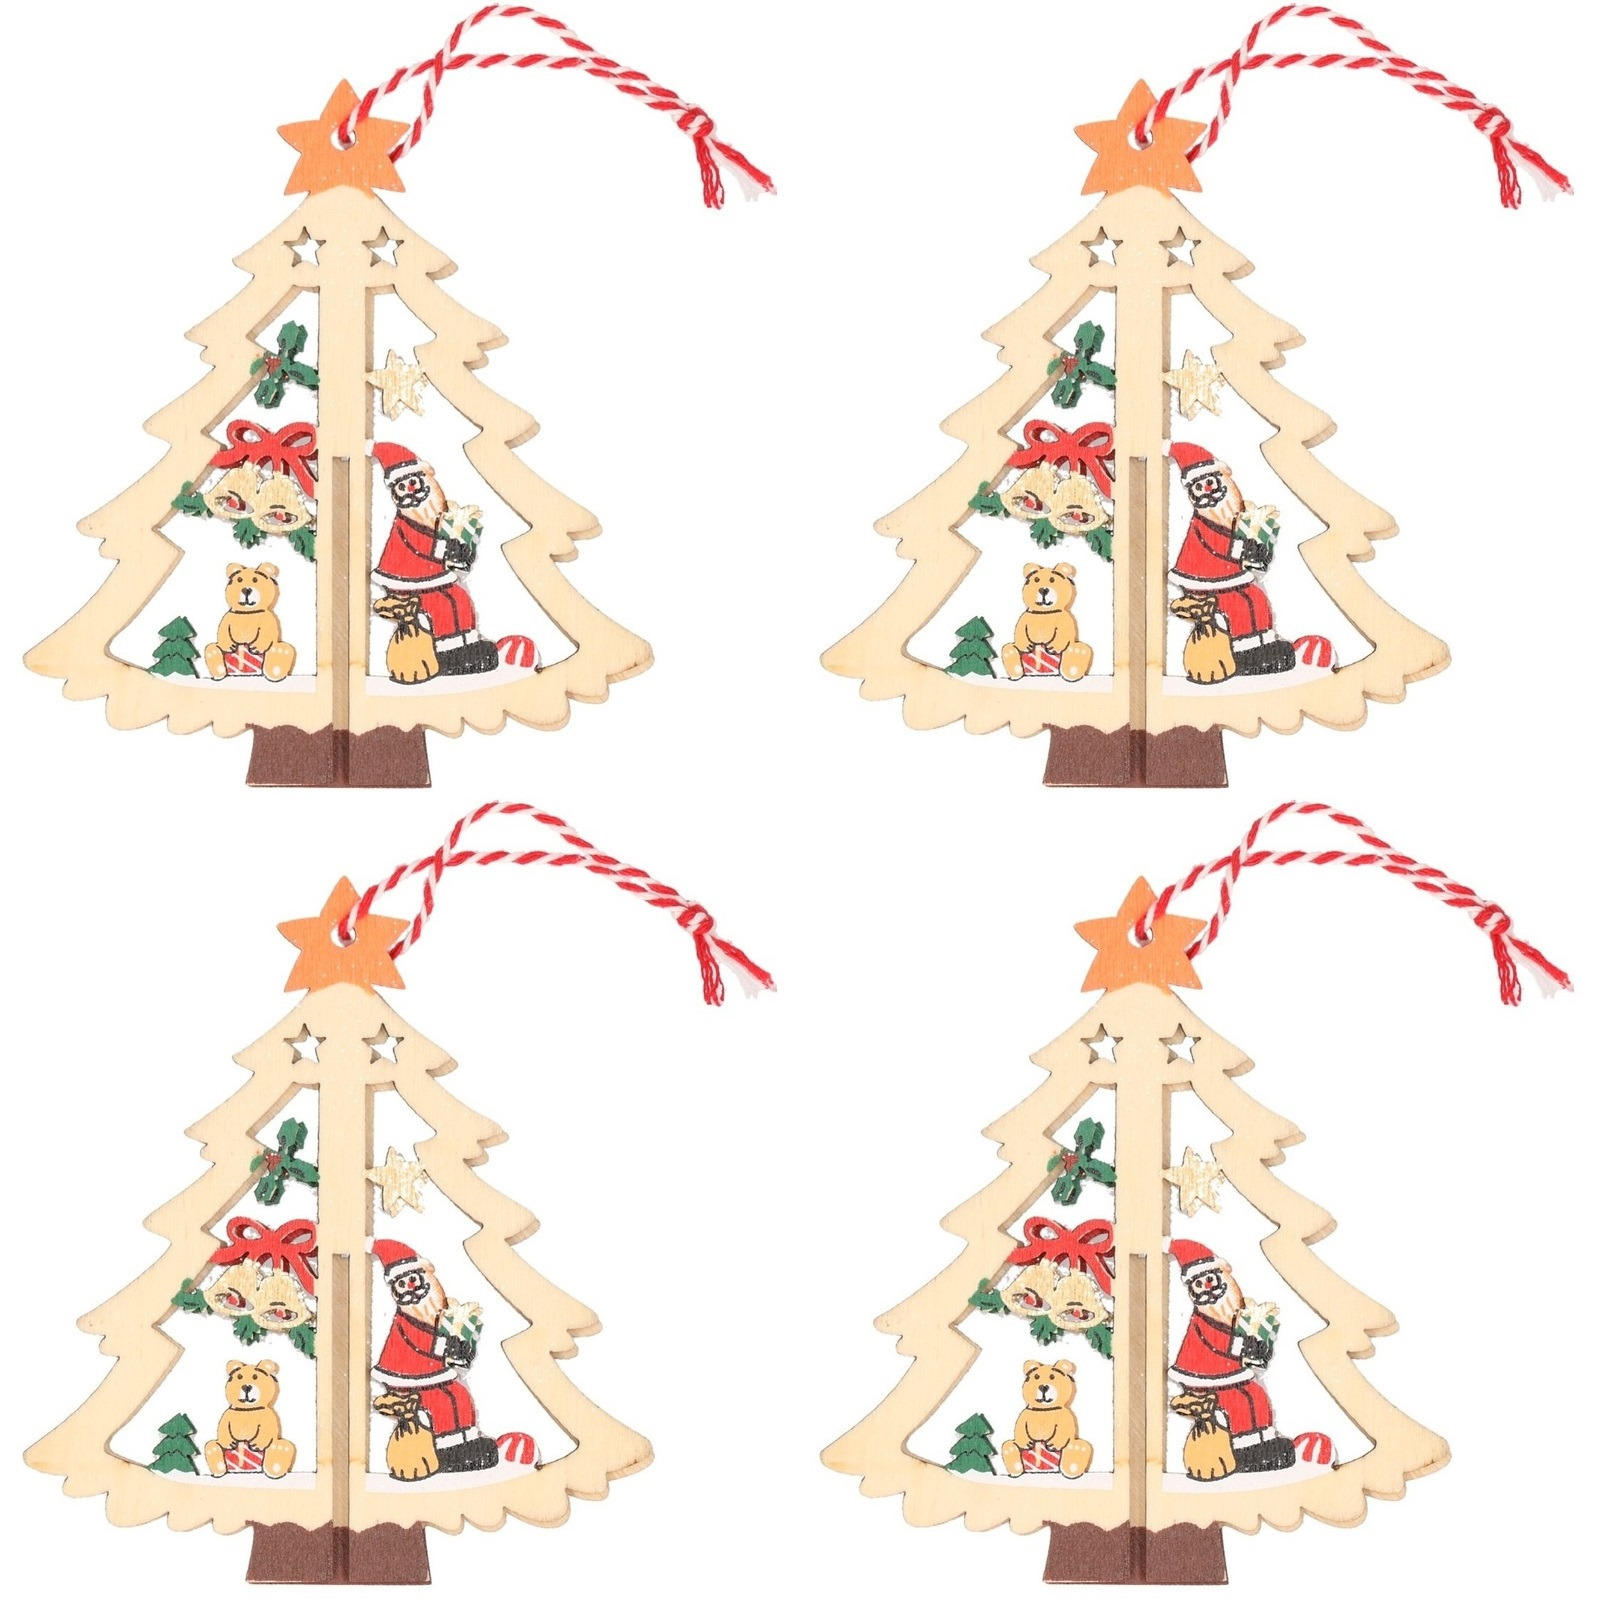 4x Kerst hangdecoratie kerstbomen met kerstman 10 cm van hout